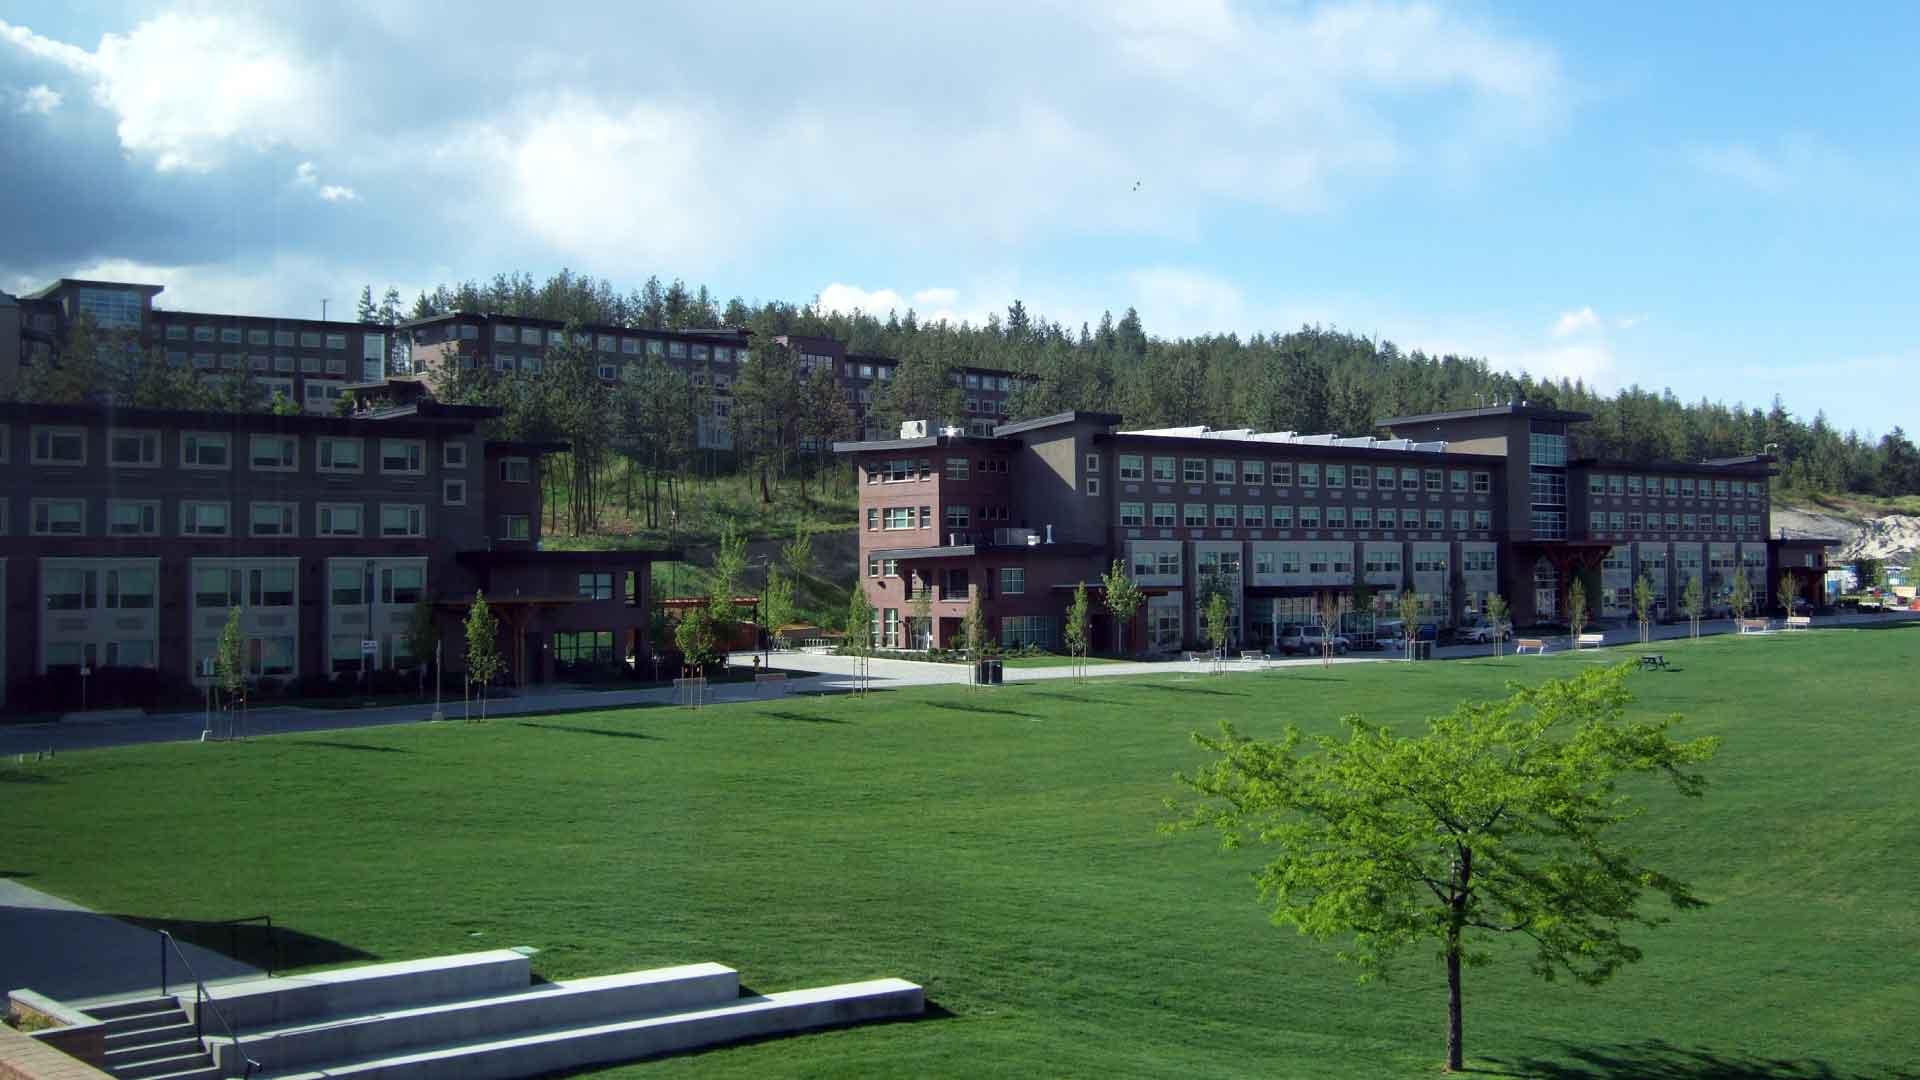 Campus at UBCO including Nicola Building